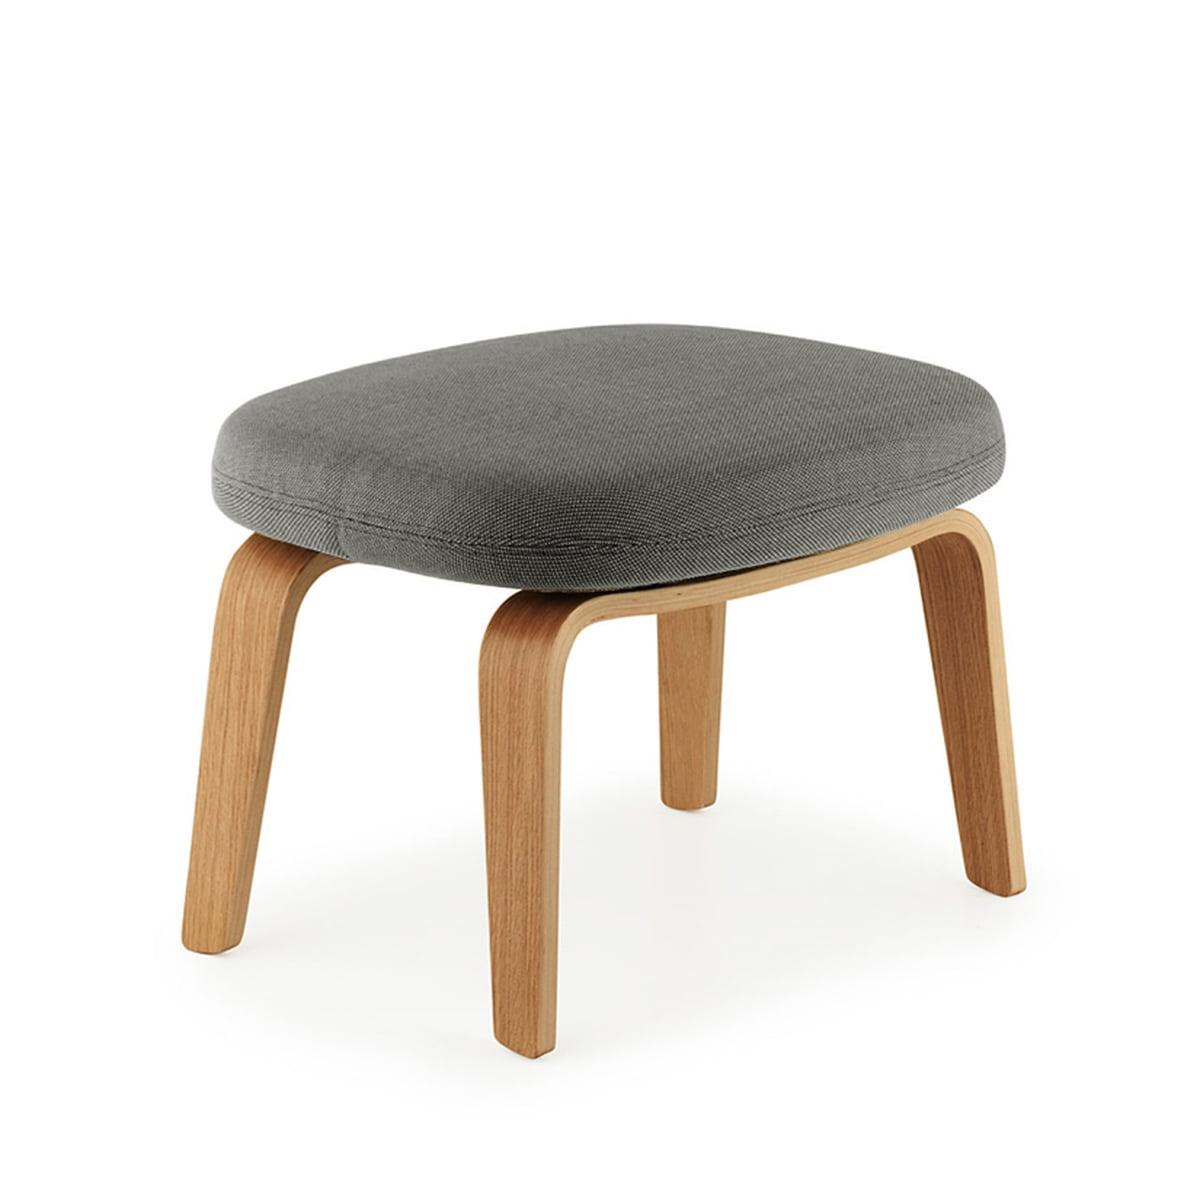 era fu hocker von normann copenhagen im shop. Black Bedroom Furniture Sets. Home Design Ideas